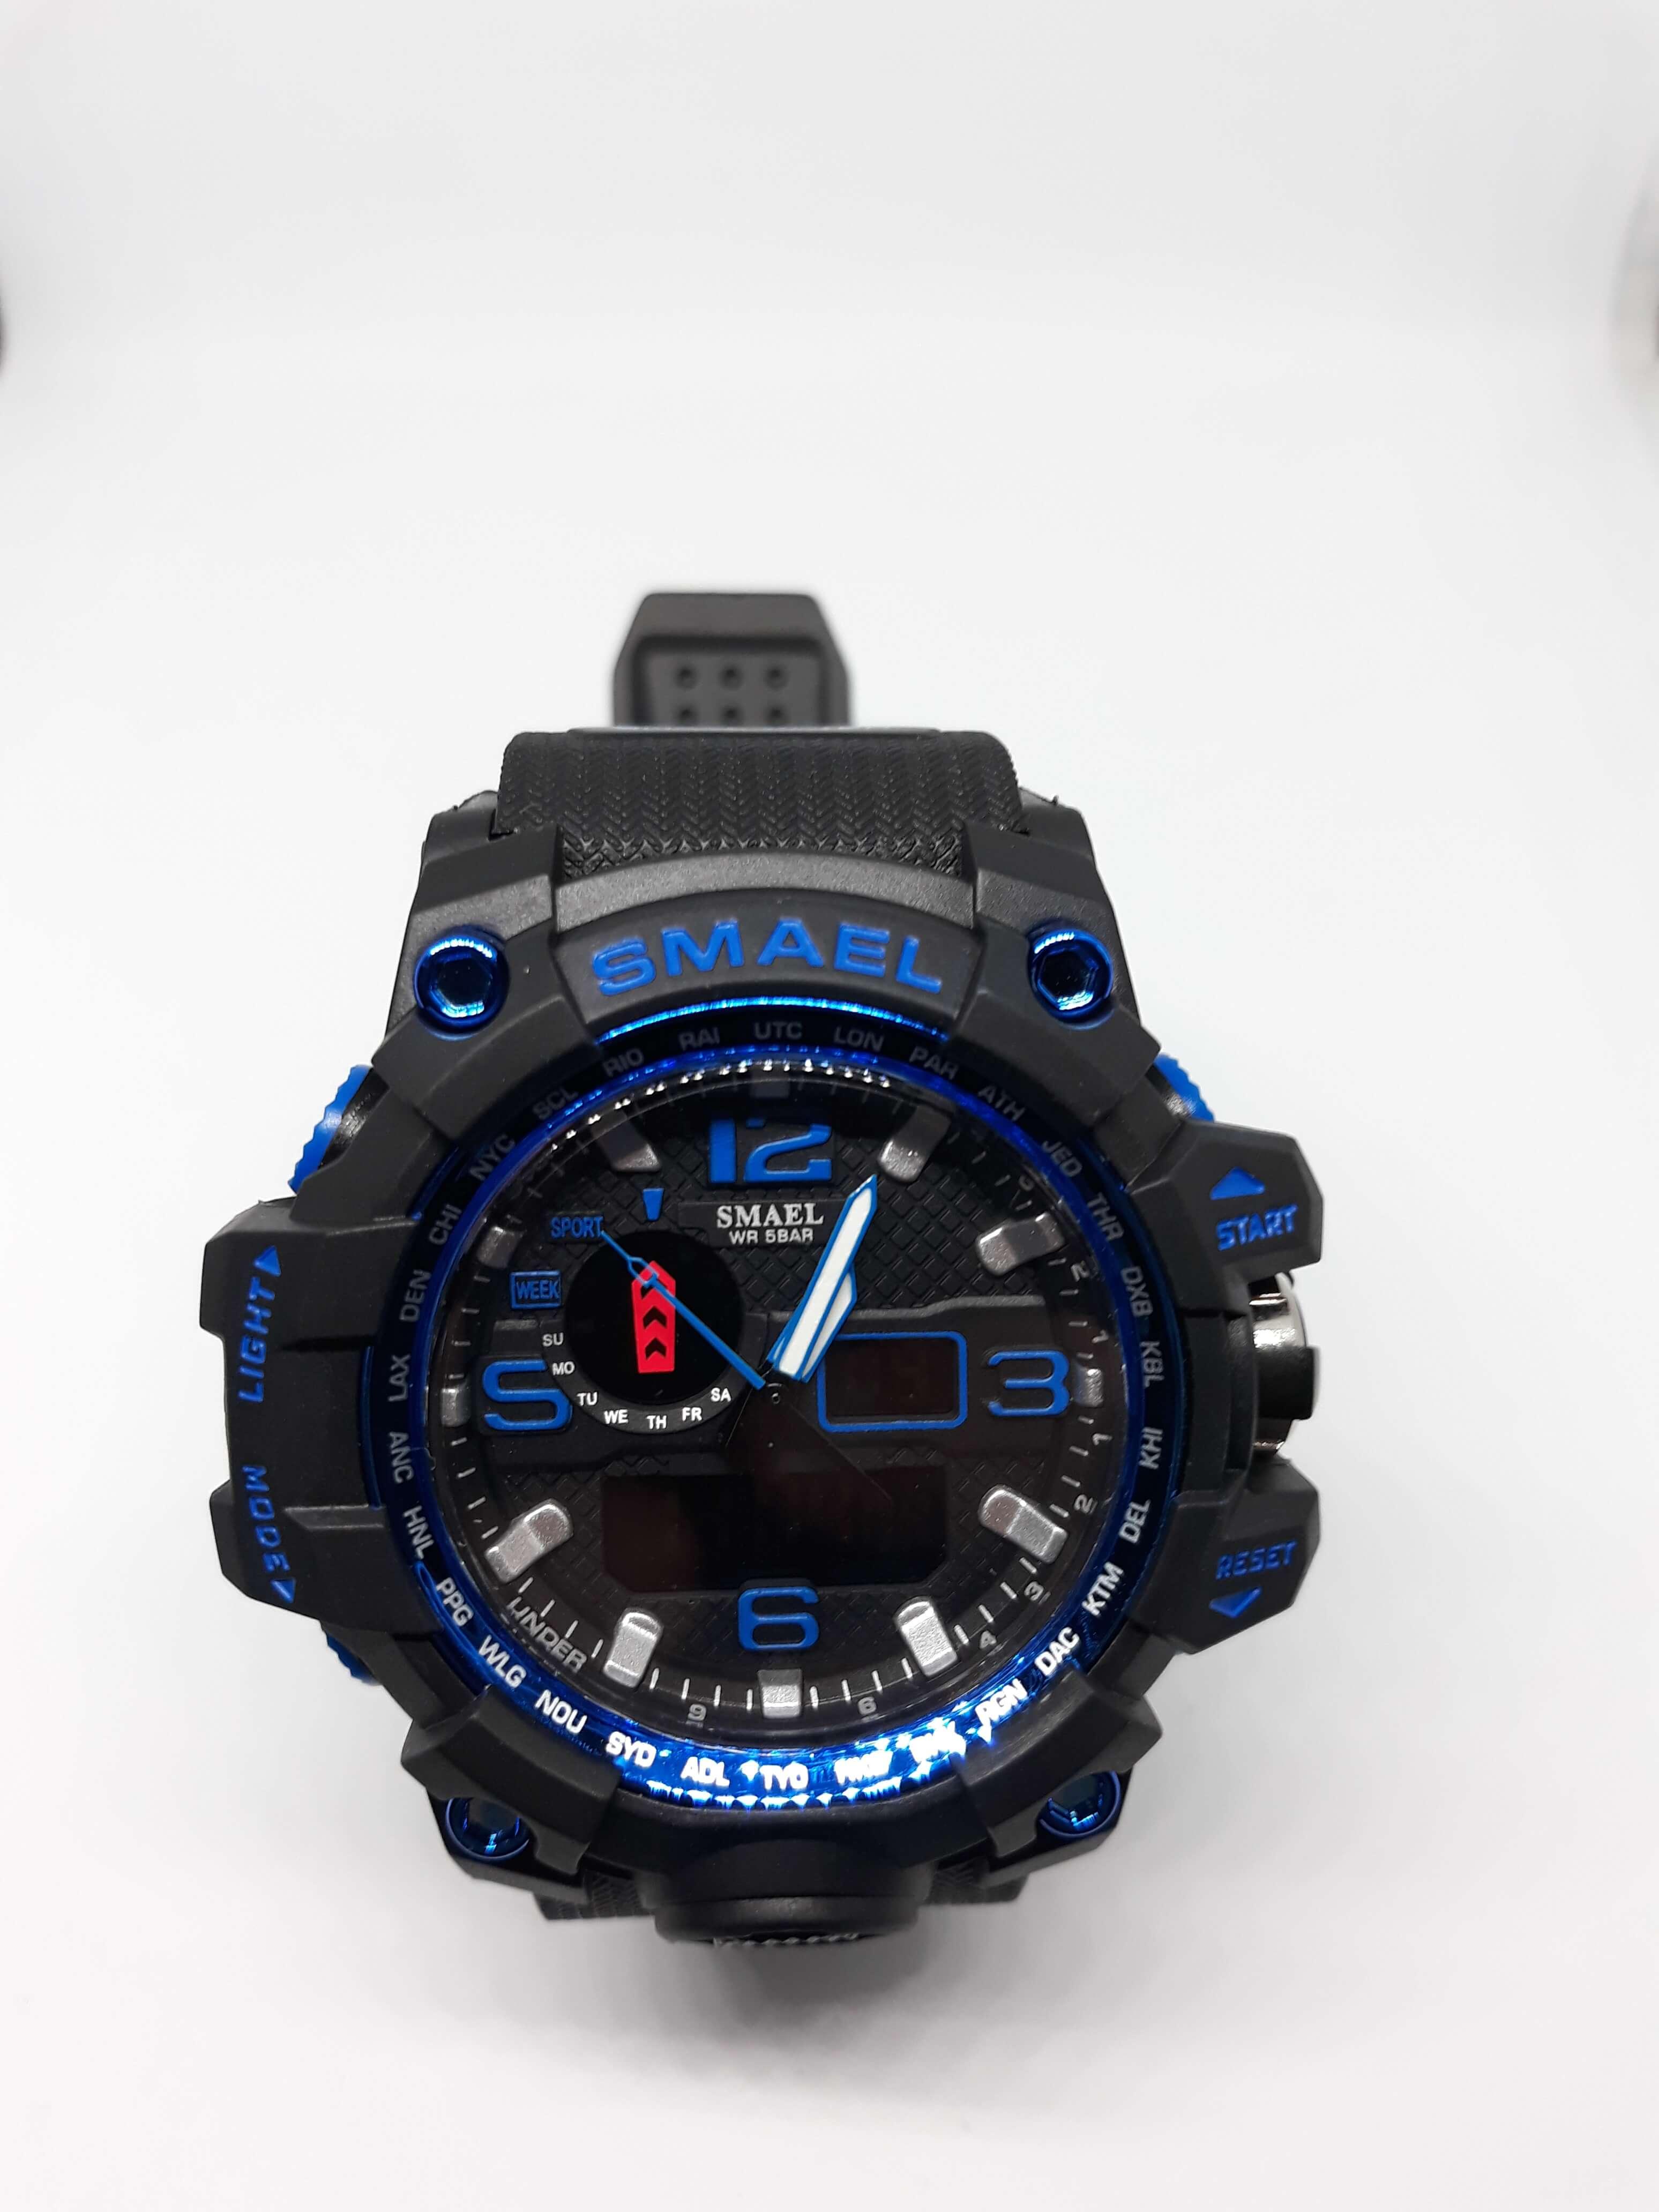 Zegarek Smael Camouflage niebieski czarny 14